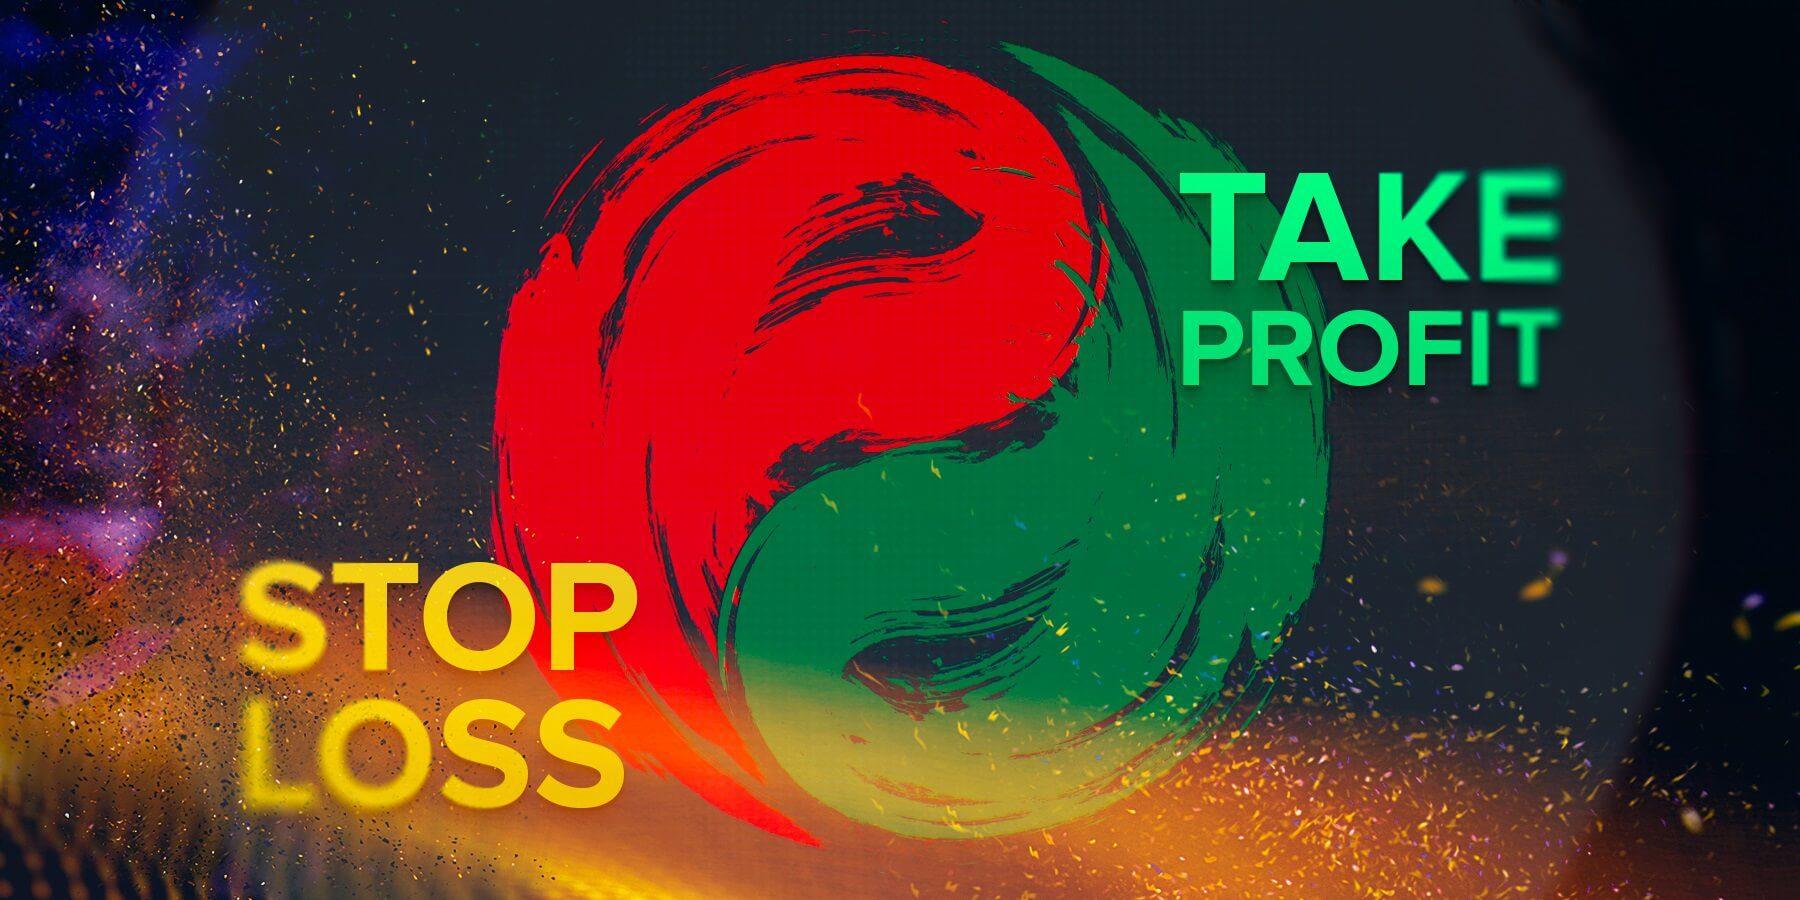 Tìm hiểu cách sử dụng Stop Loss và Take Profit